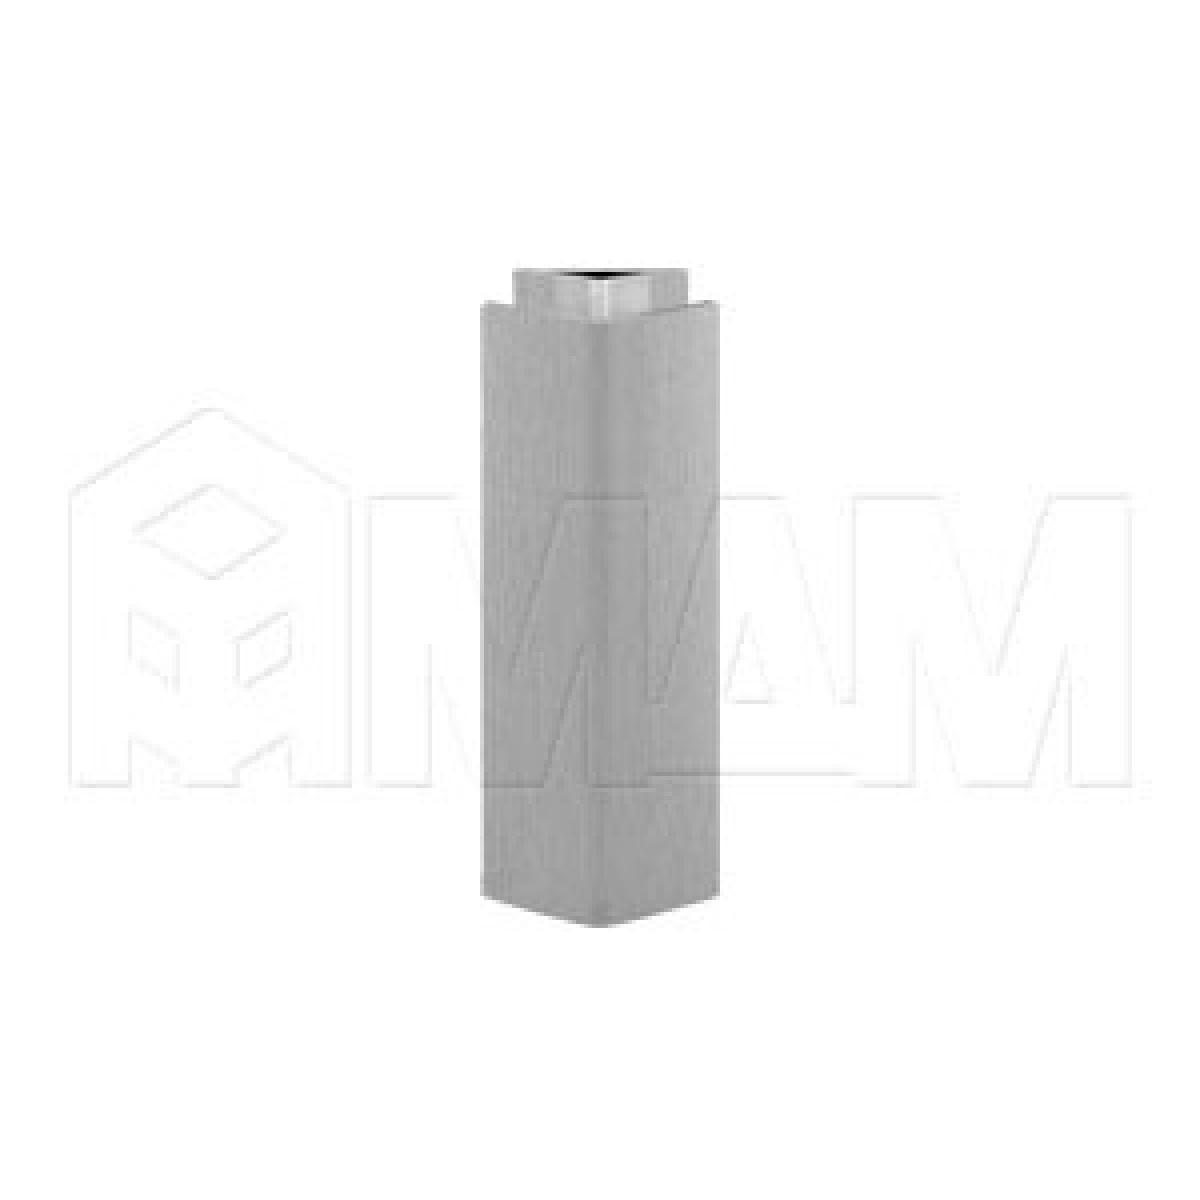 Цоколи пластиковые - Уголок 135 градусов (высота 100), нержавеющая сталь